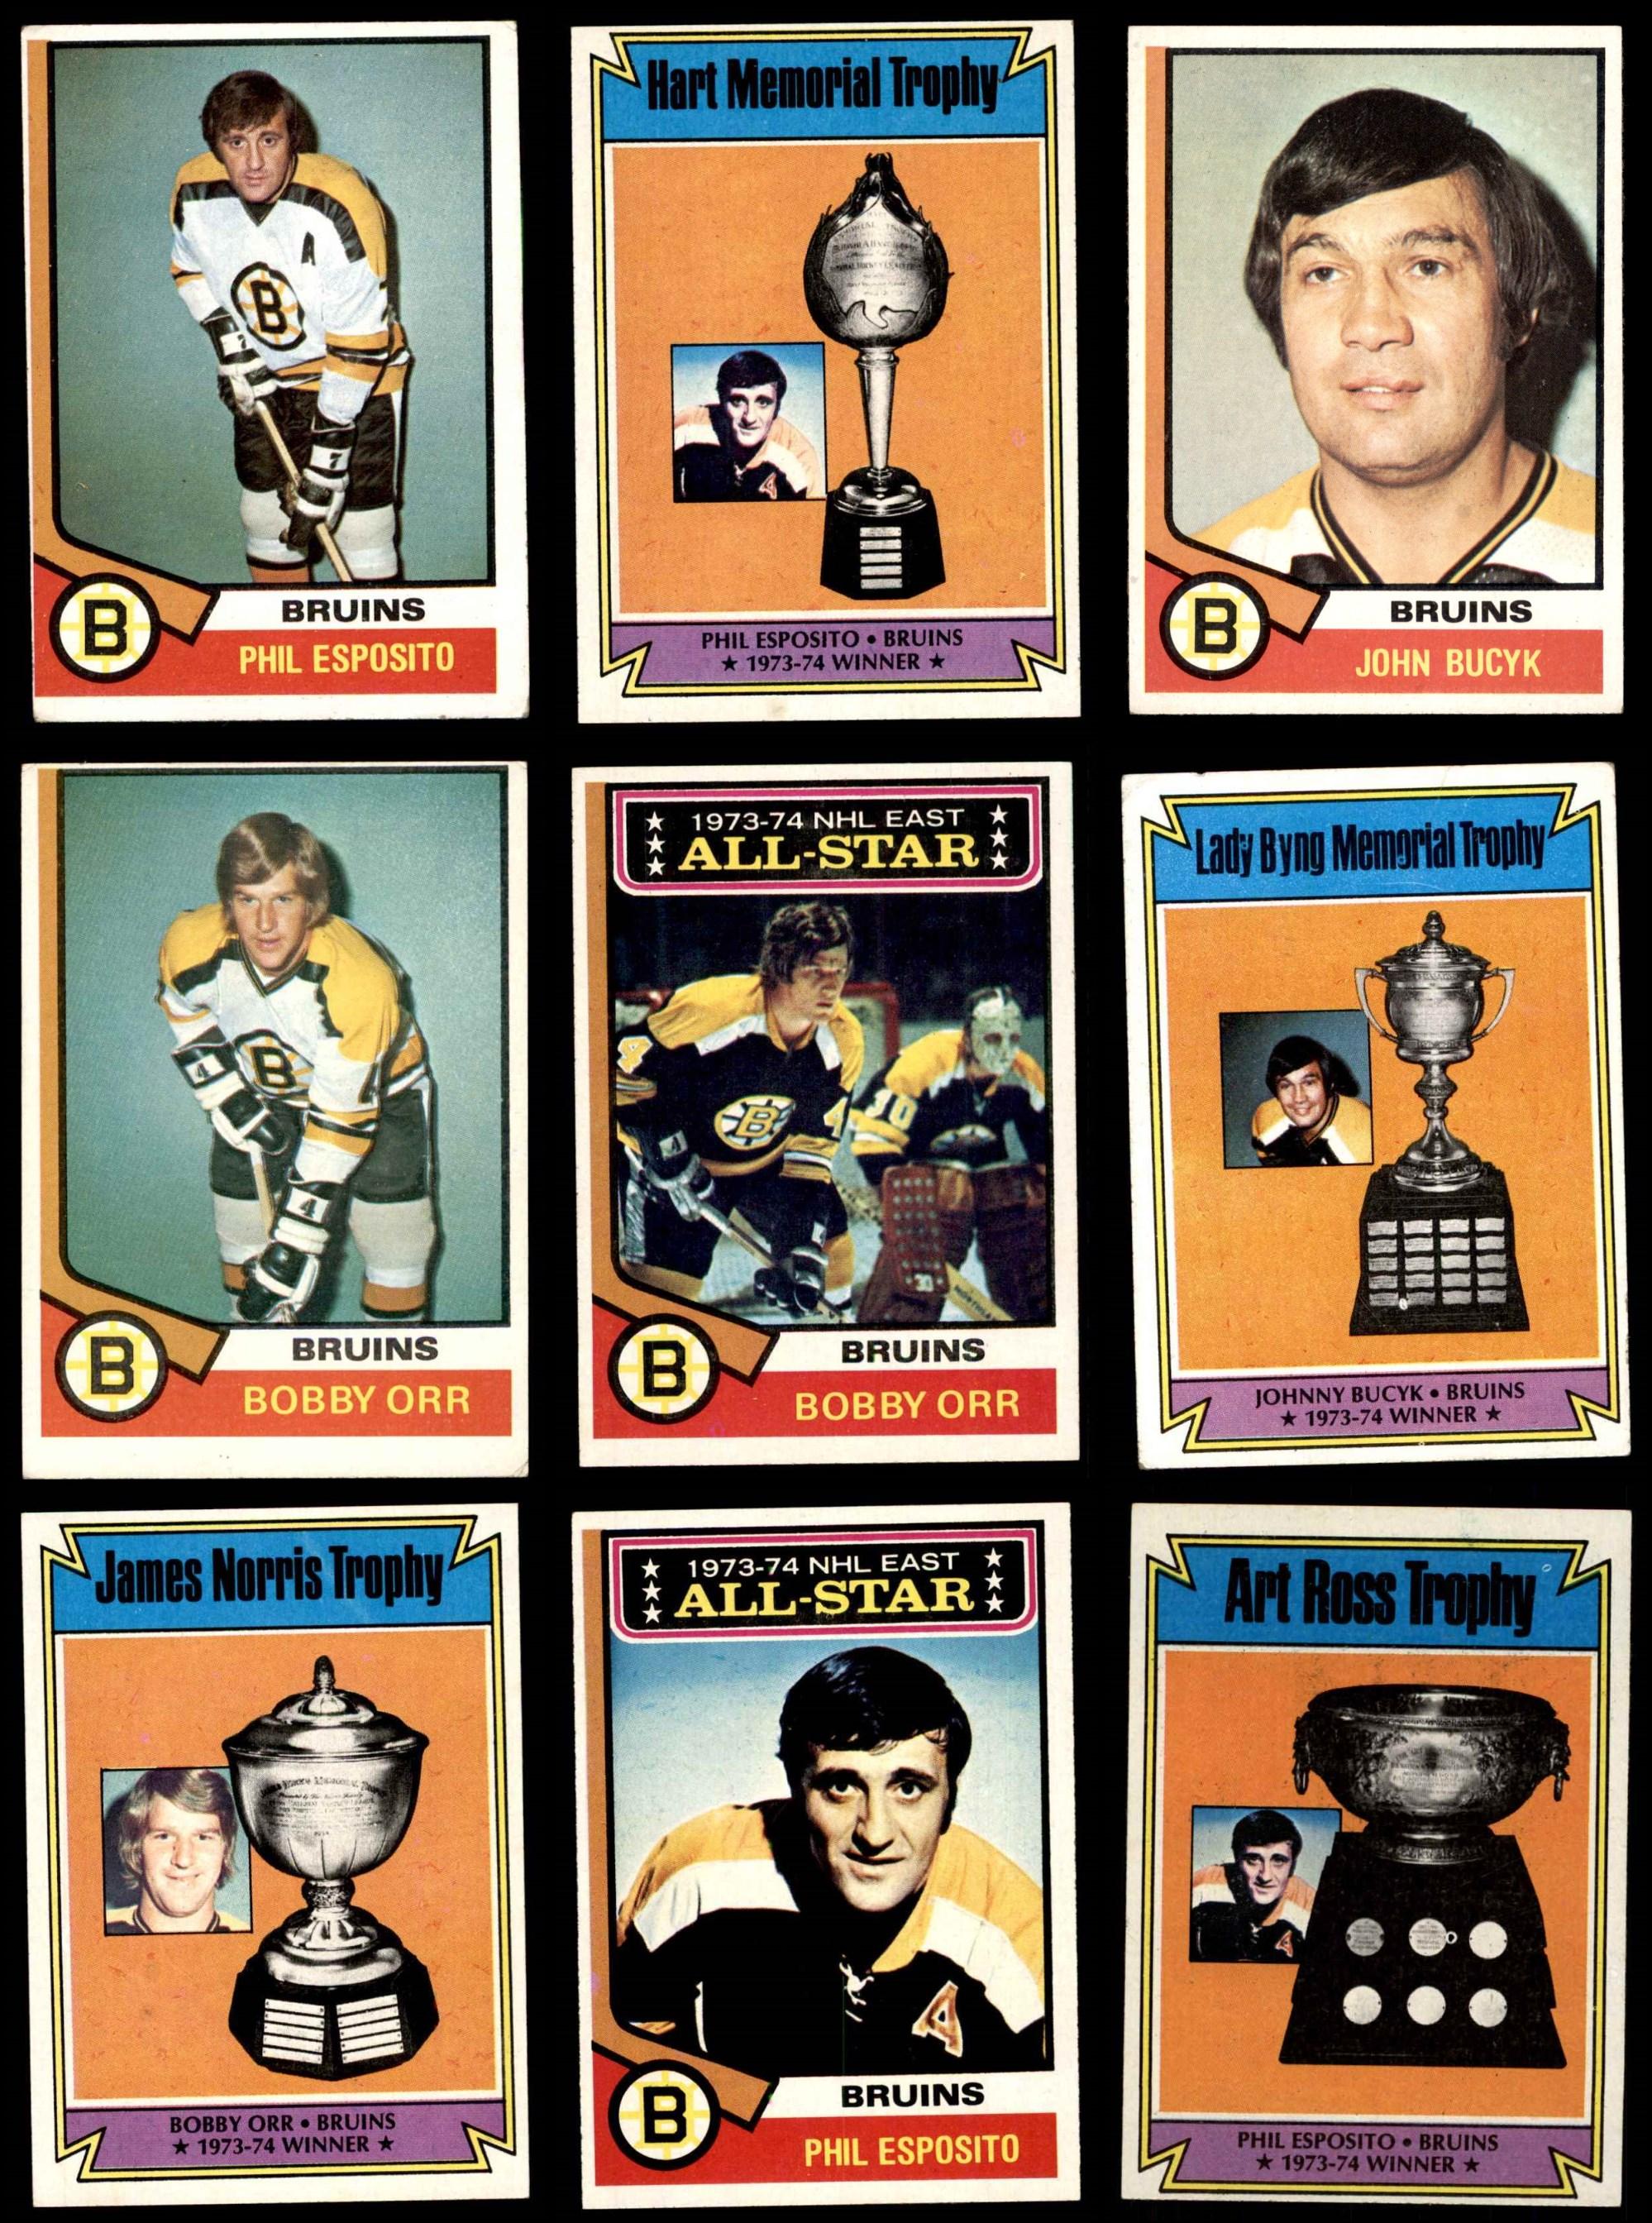 1974-75 Topps Boston Bruins Team Set 5.5 - EX+ | eBay Bruins Roster 1974